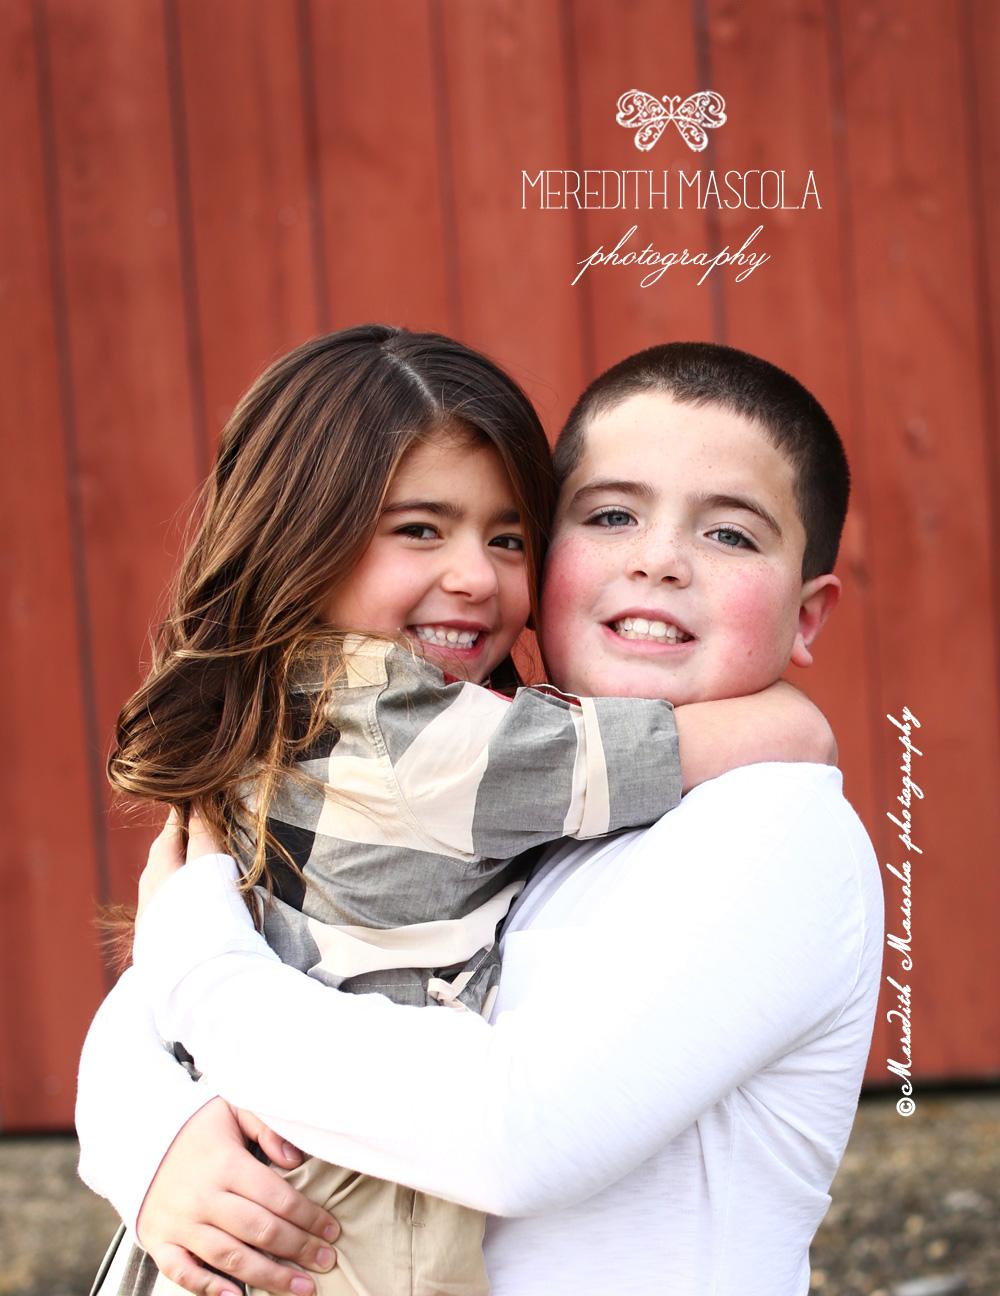 newjerseyfamilyphotographer48.jpg